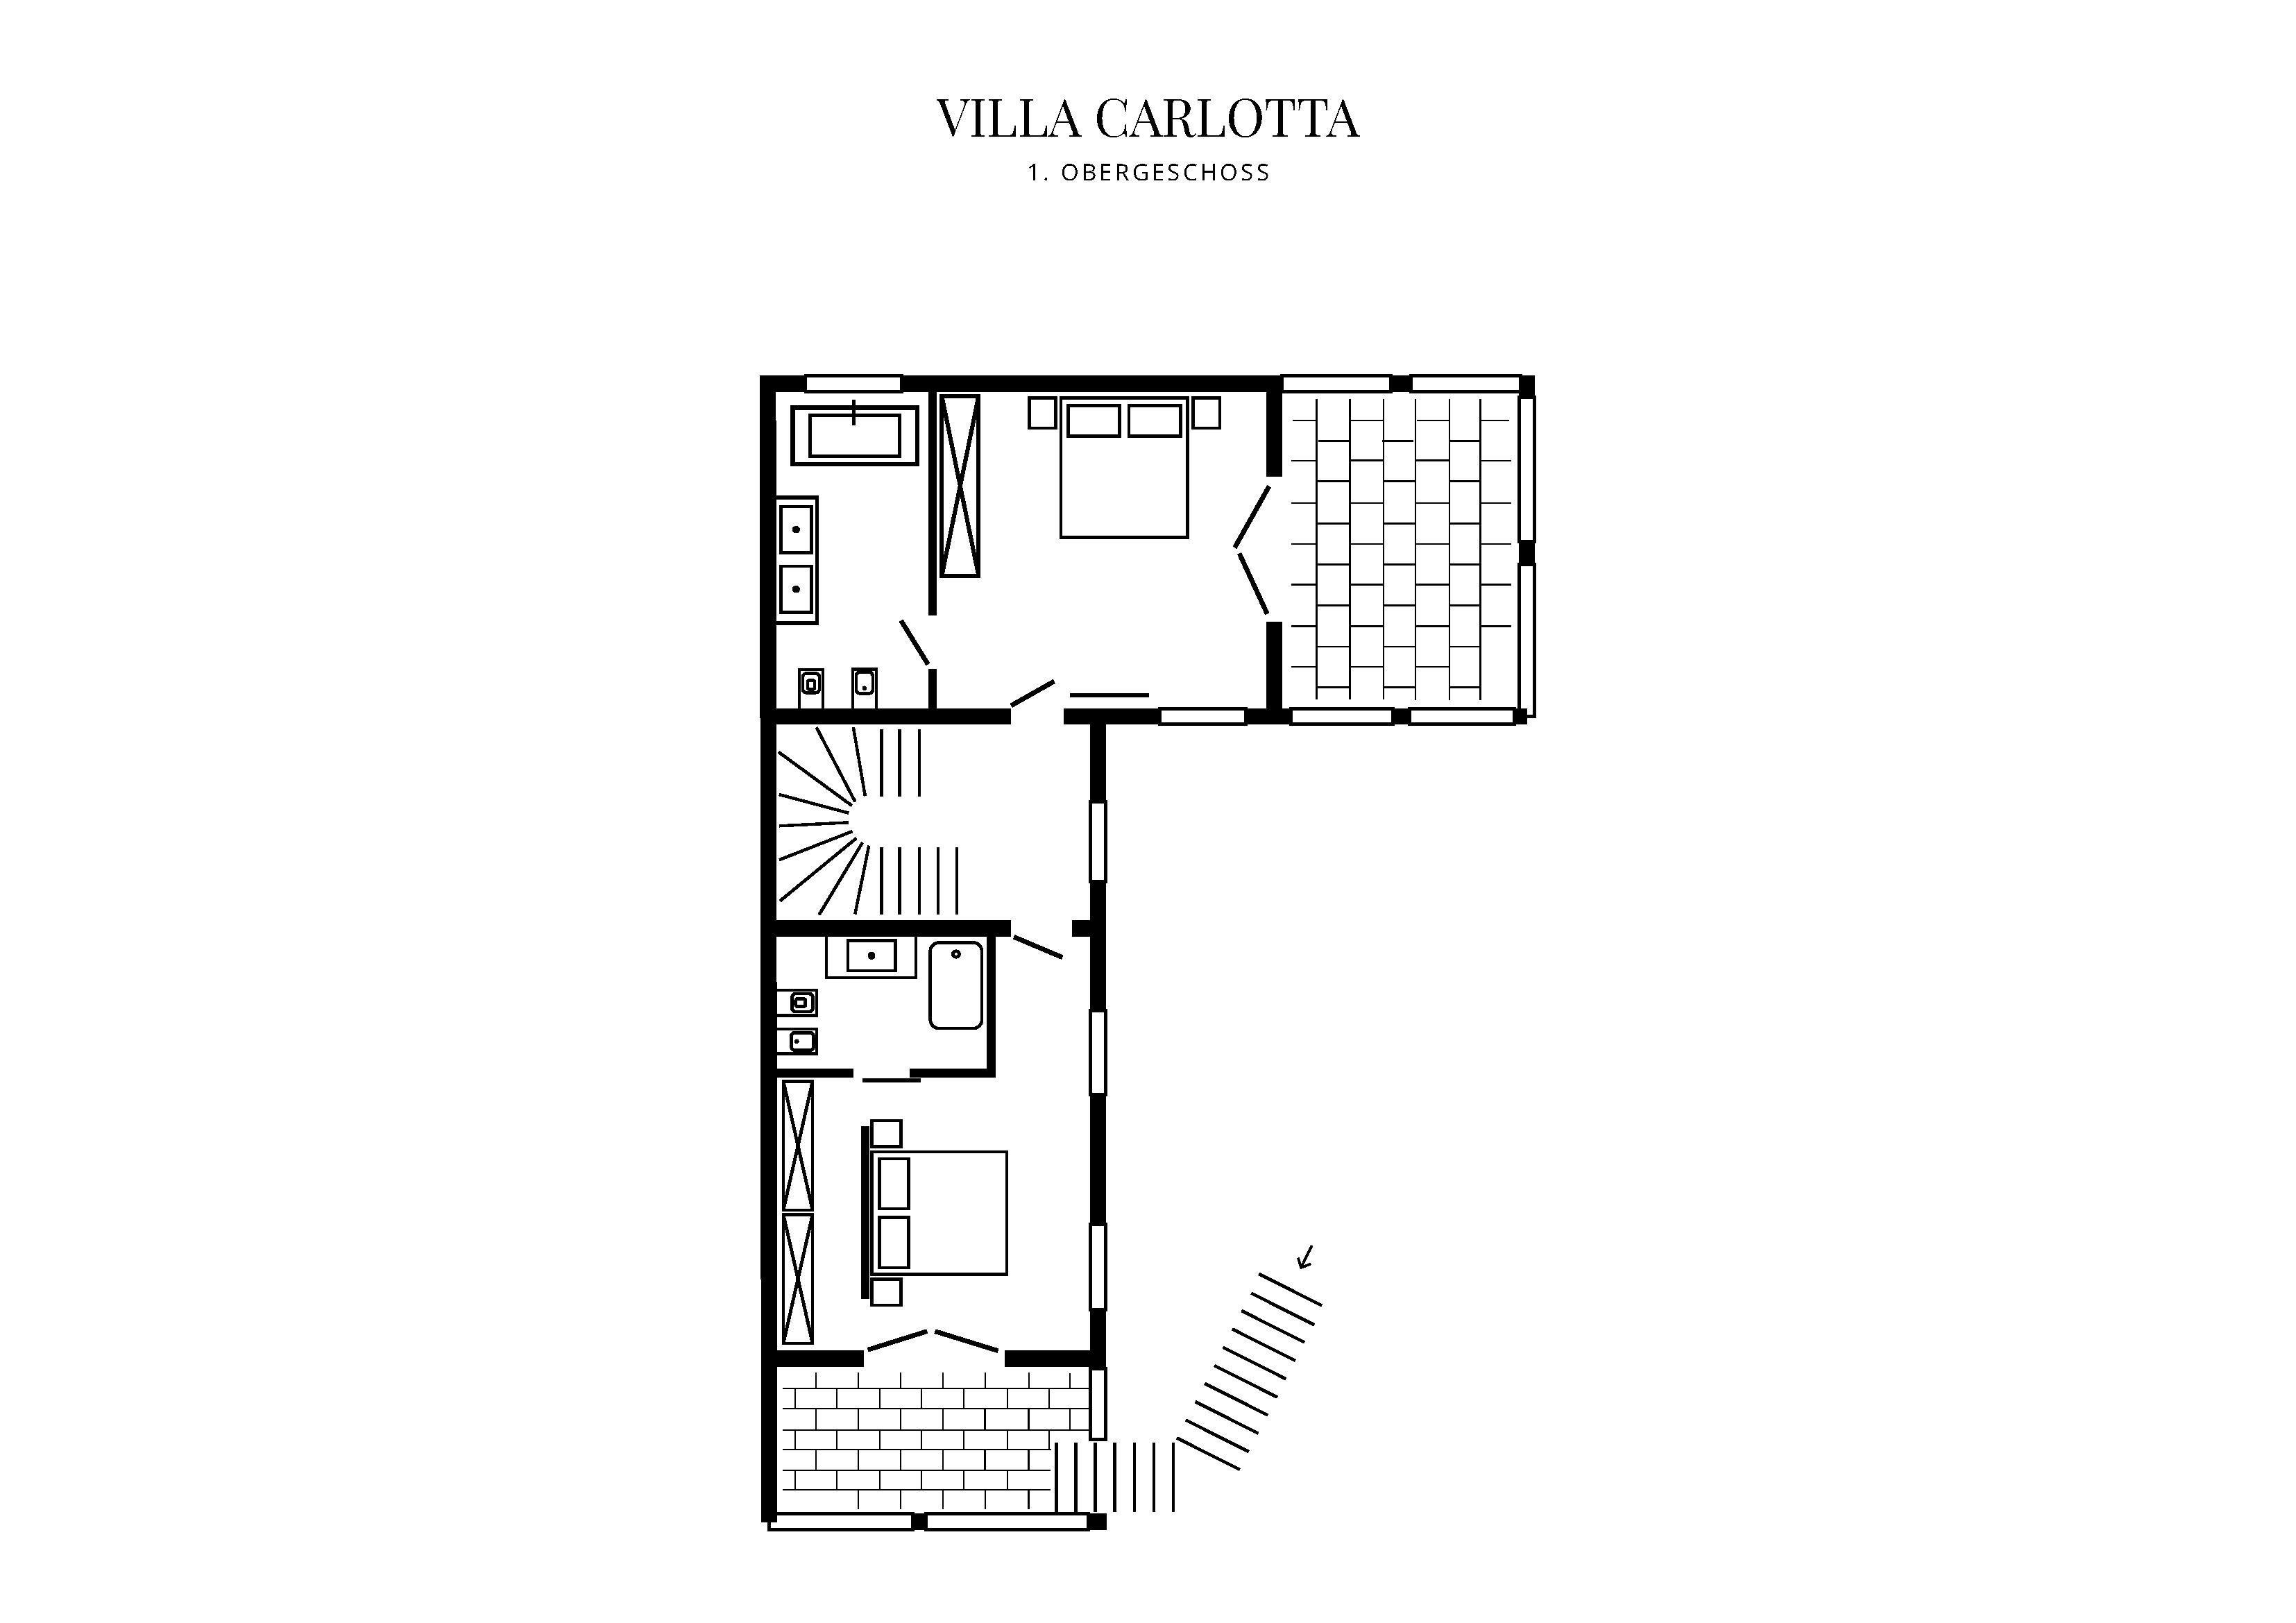 Grafik Grundriss Obergeschoss Villa Carlotta